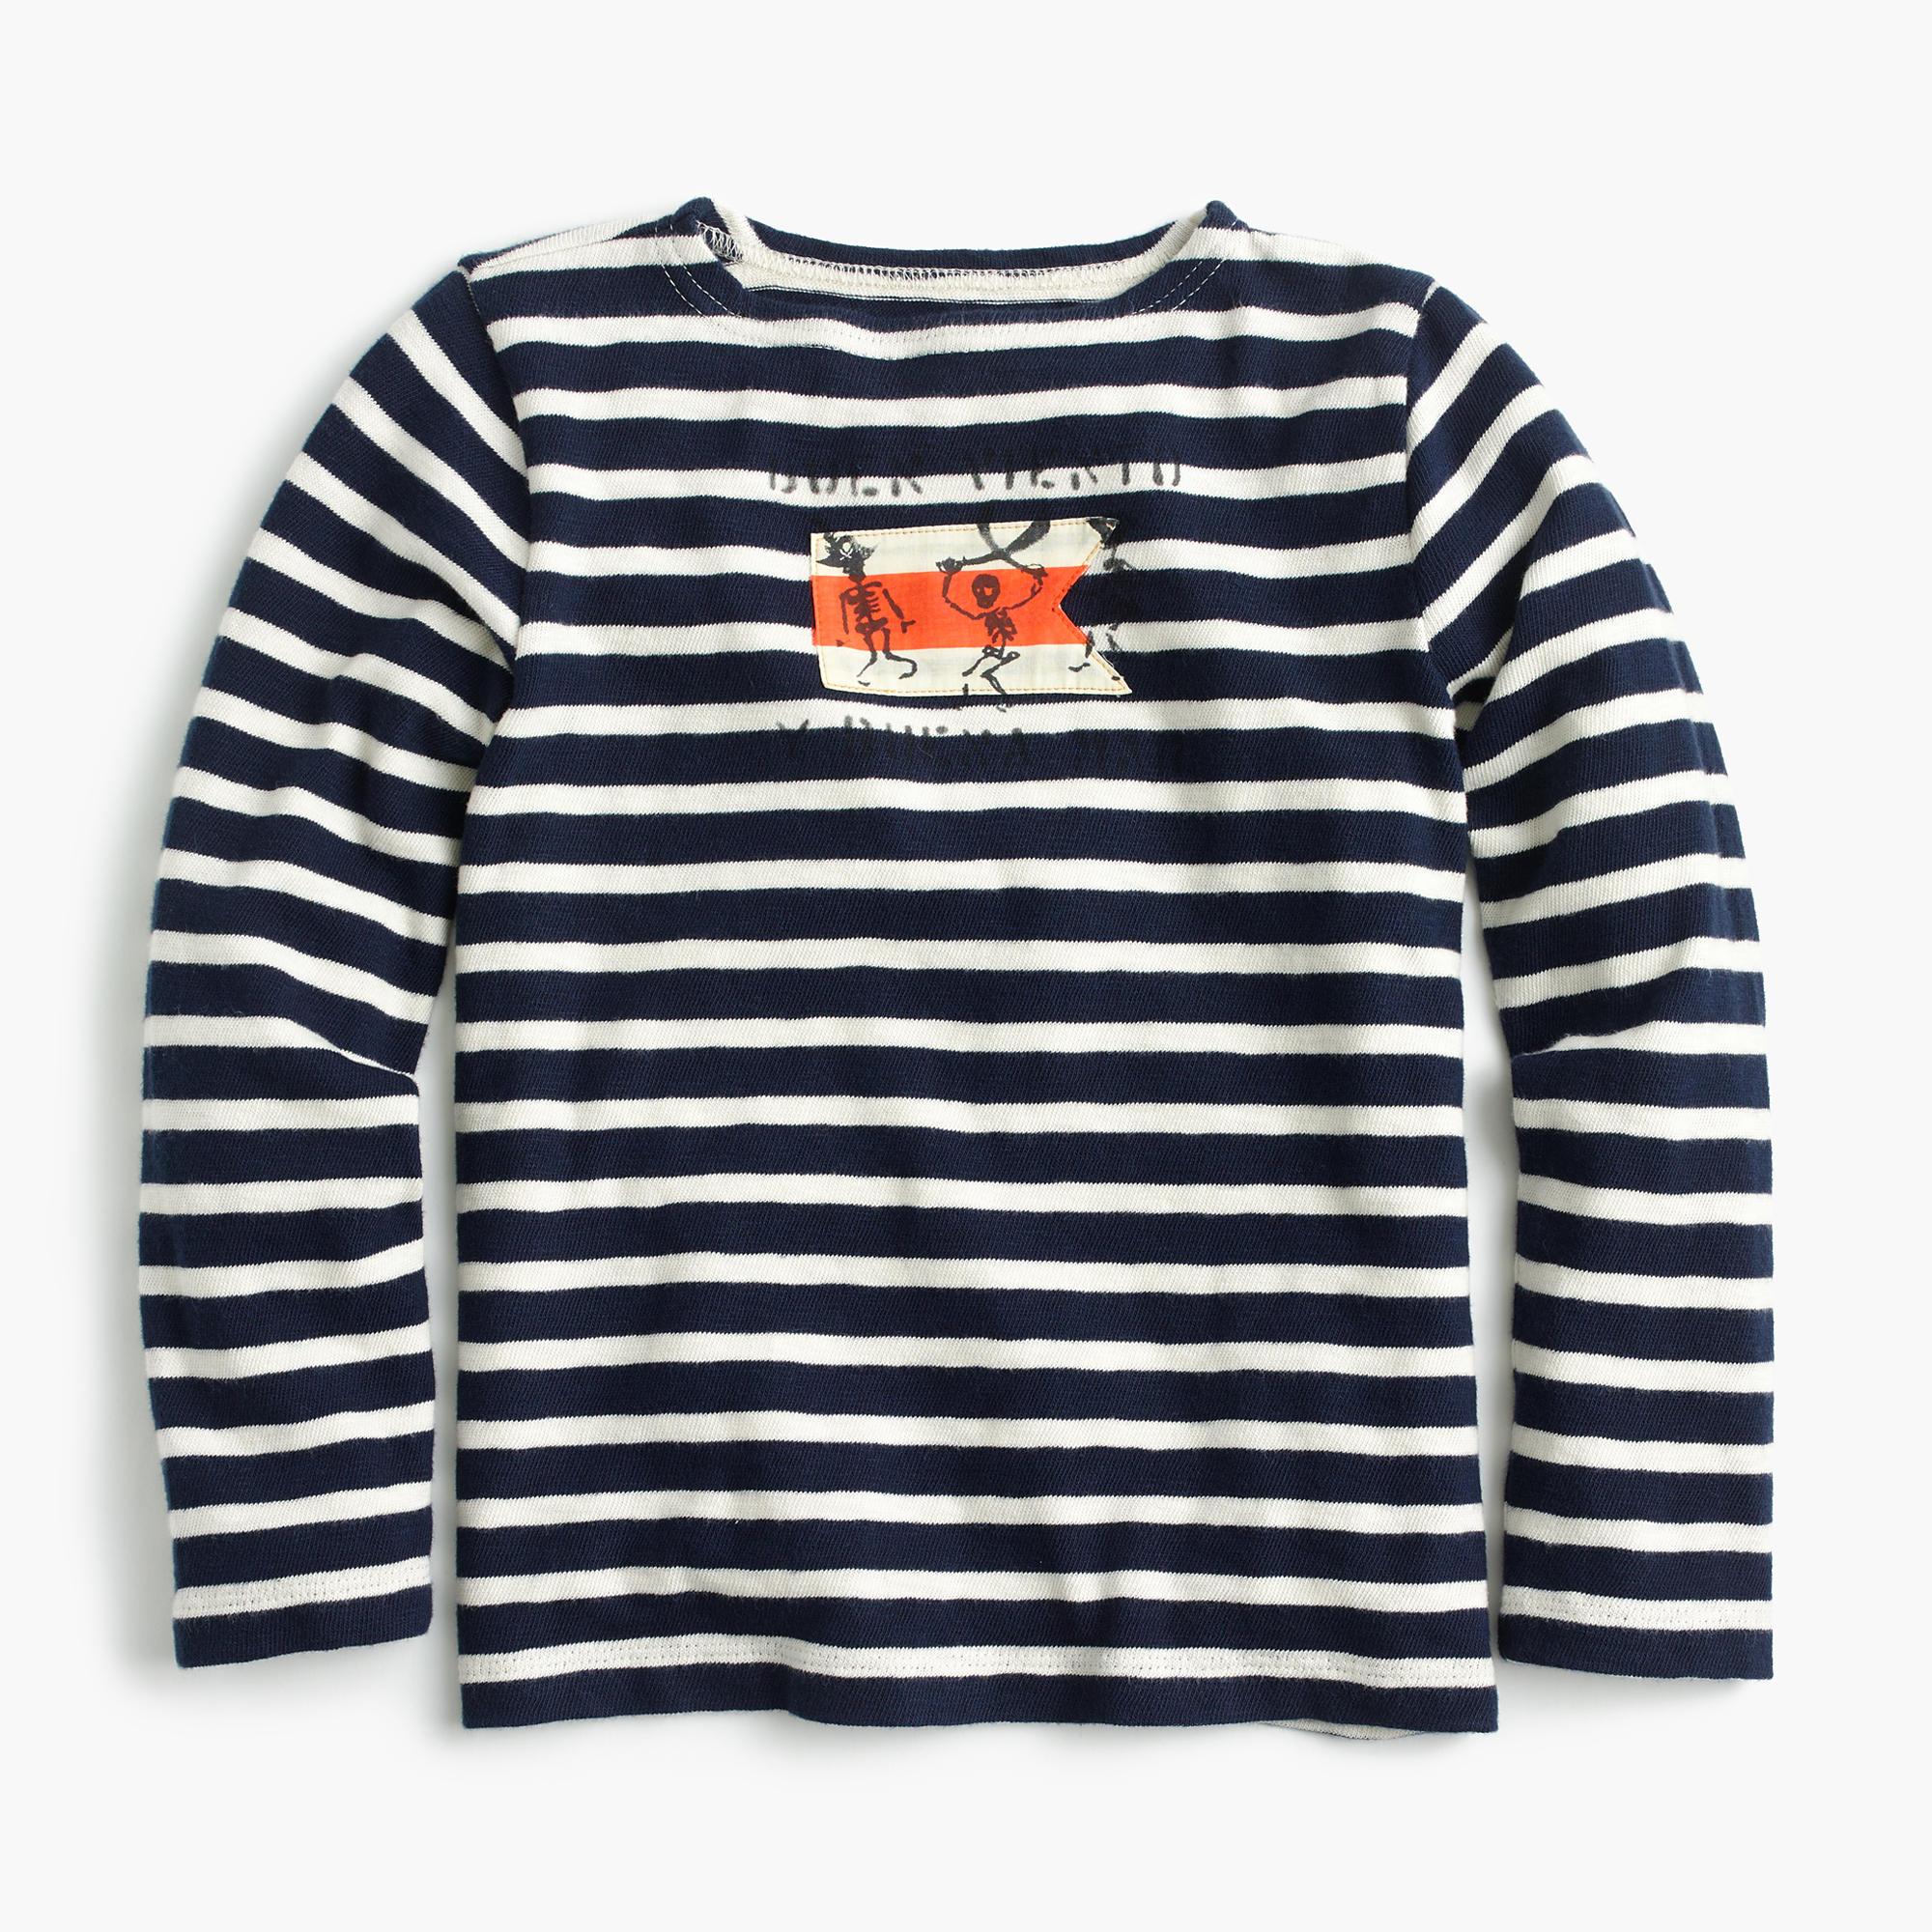 Boys 39 Long Sleeved Pirate Striped T Shirt Boys 39 Shirts